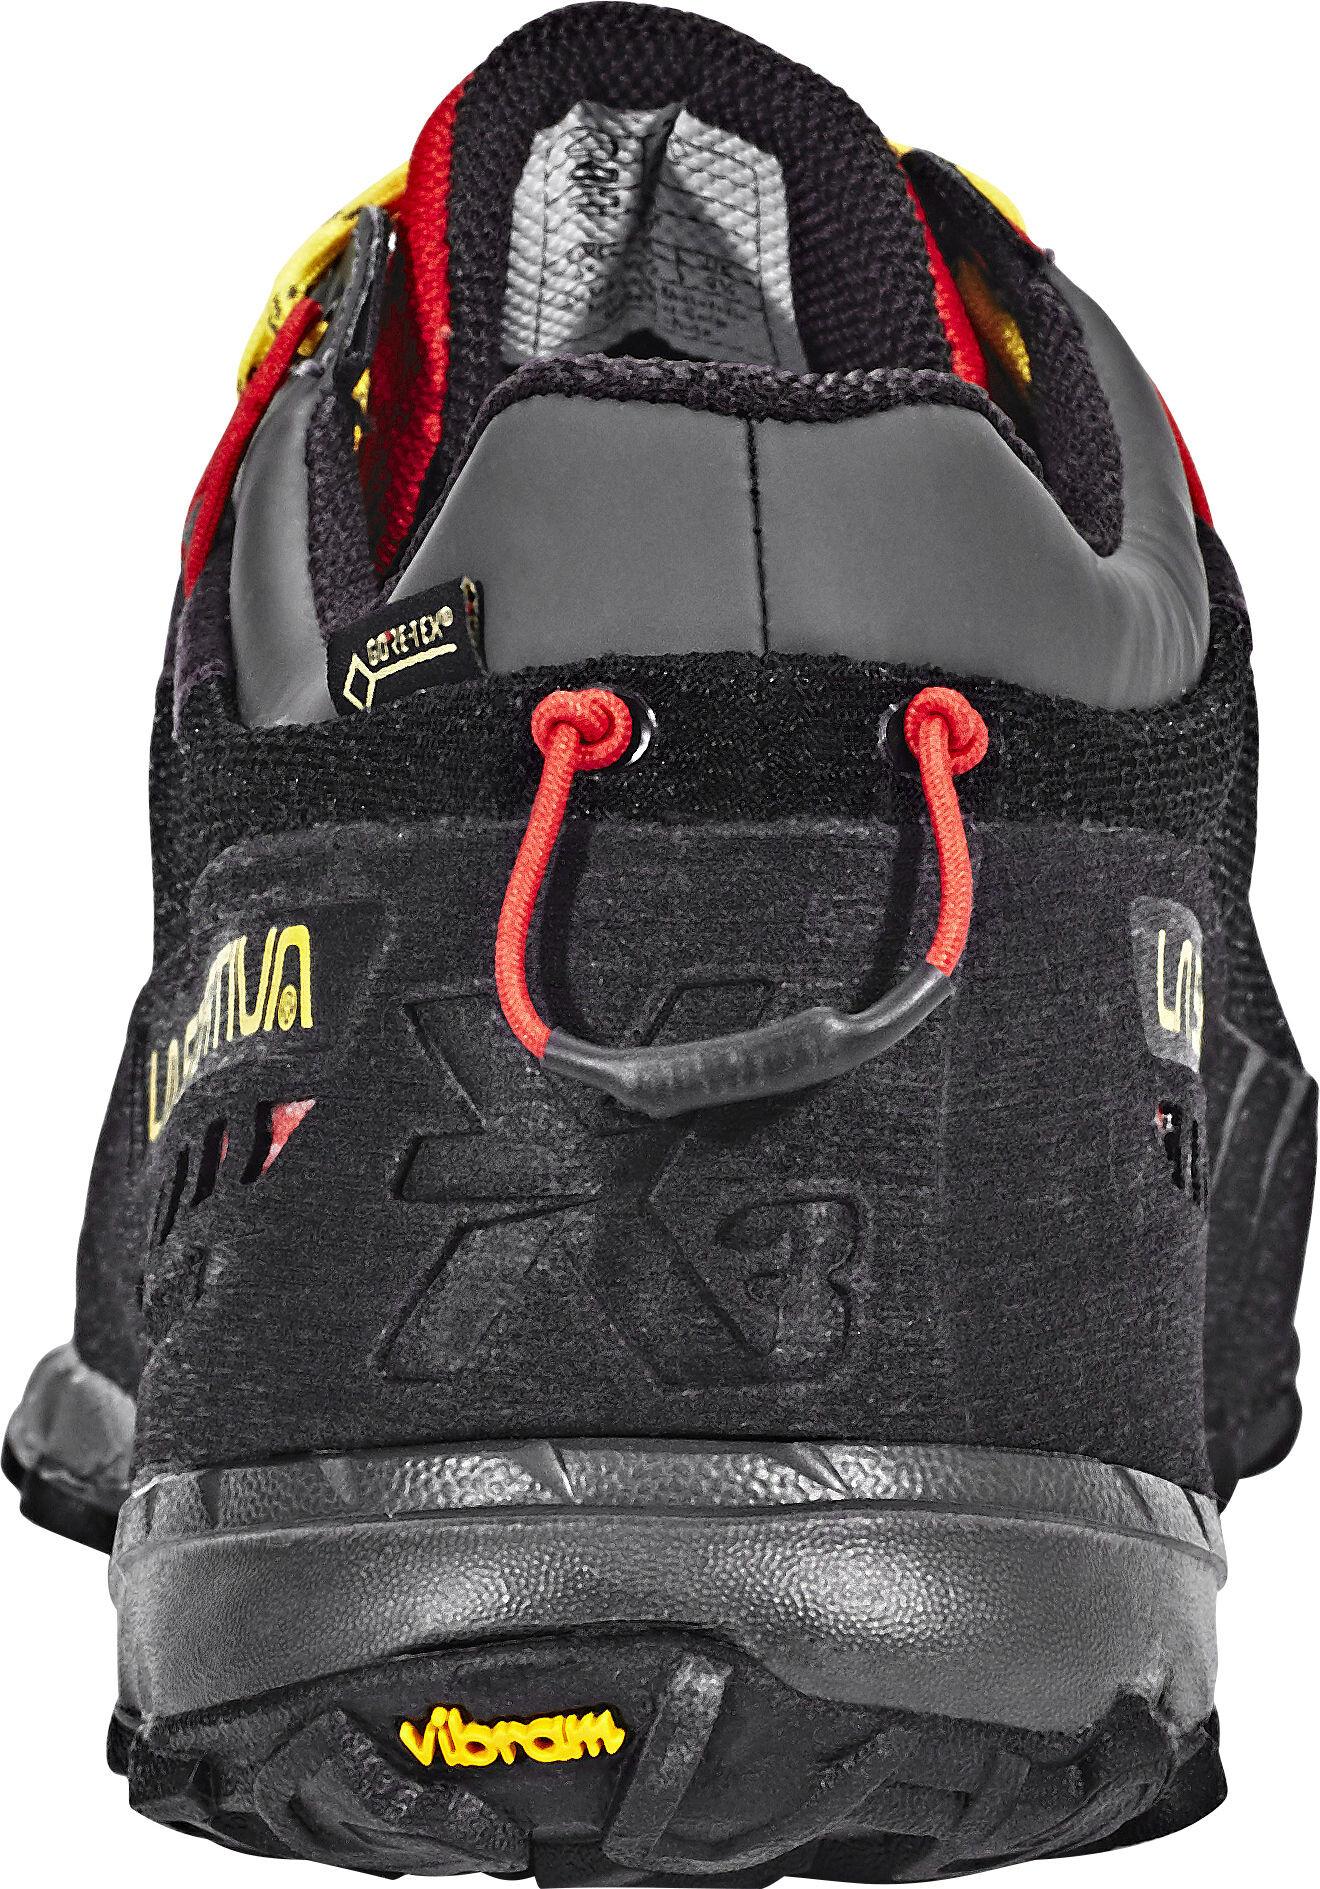 3dfa0fc4a1a03 La Sportiva TX3 GTX - Chaussures - jaune noir sur CAMPZ !